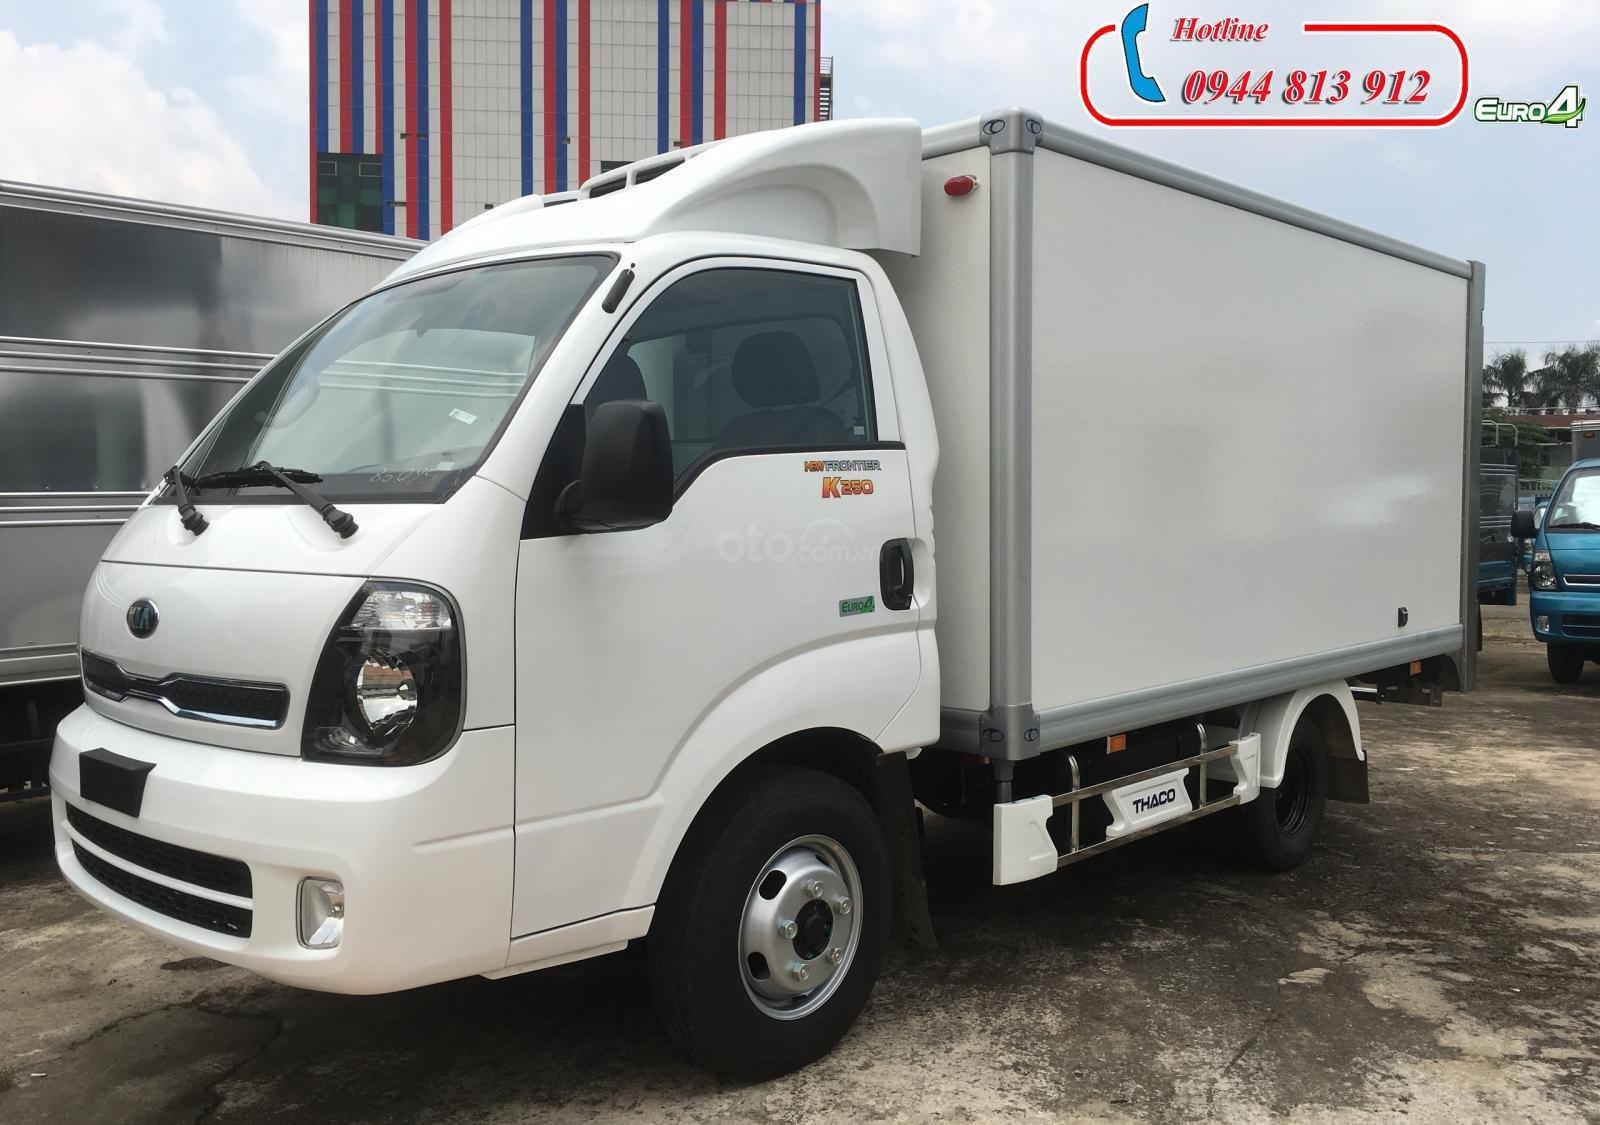 Bán xe tải Kia đông lạnh 1,5 tấn - Kia K250 động cơ Hyundai đời 2019. Máy lạnh HT100, trả trước 30% - LH: 0944.813.912-0